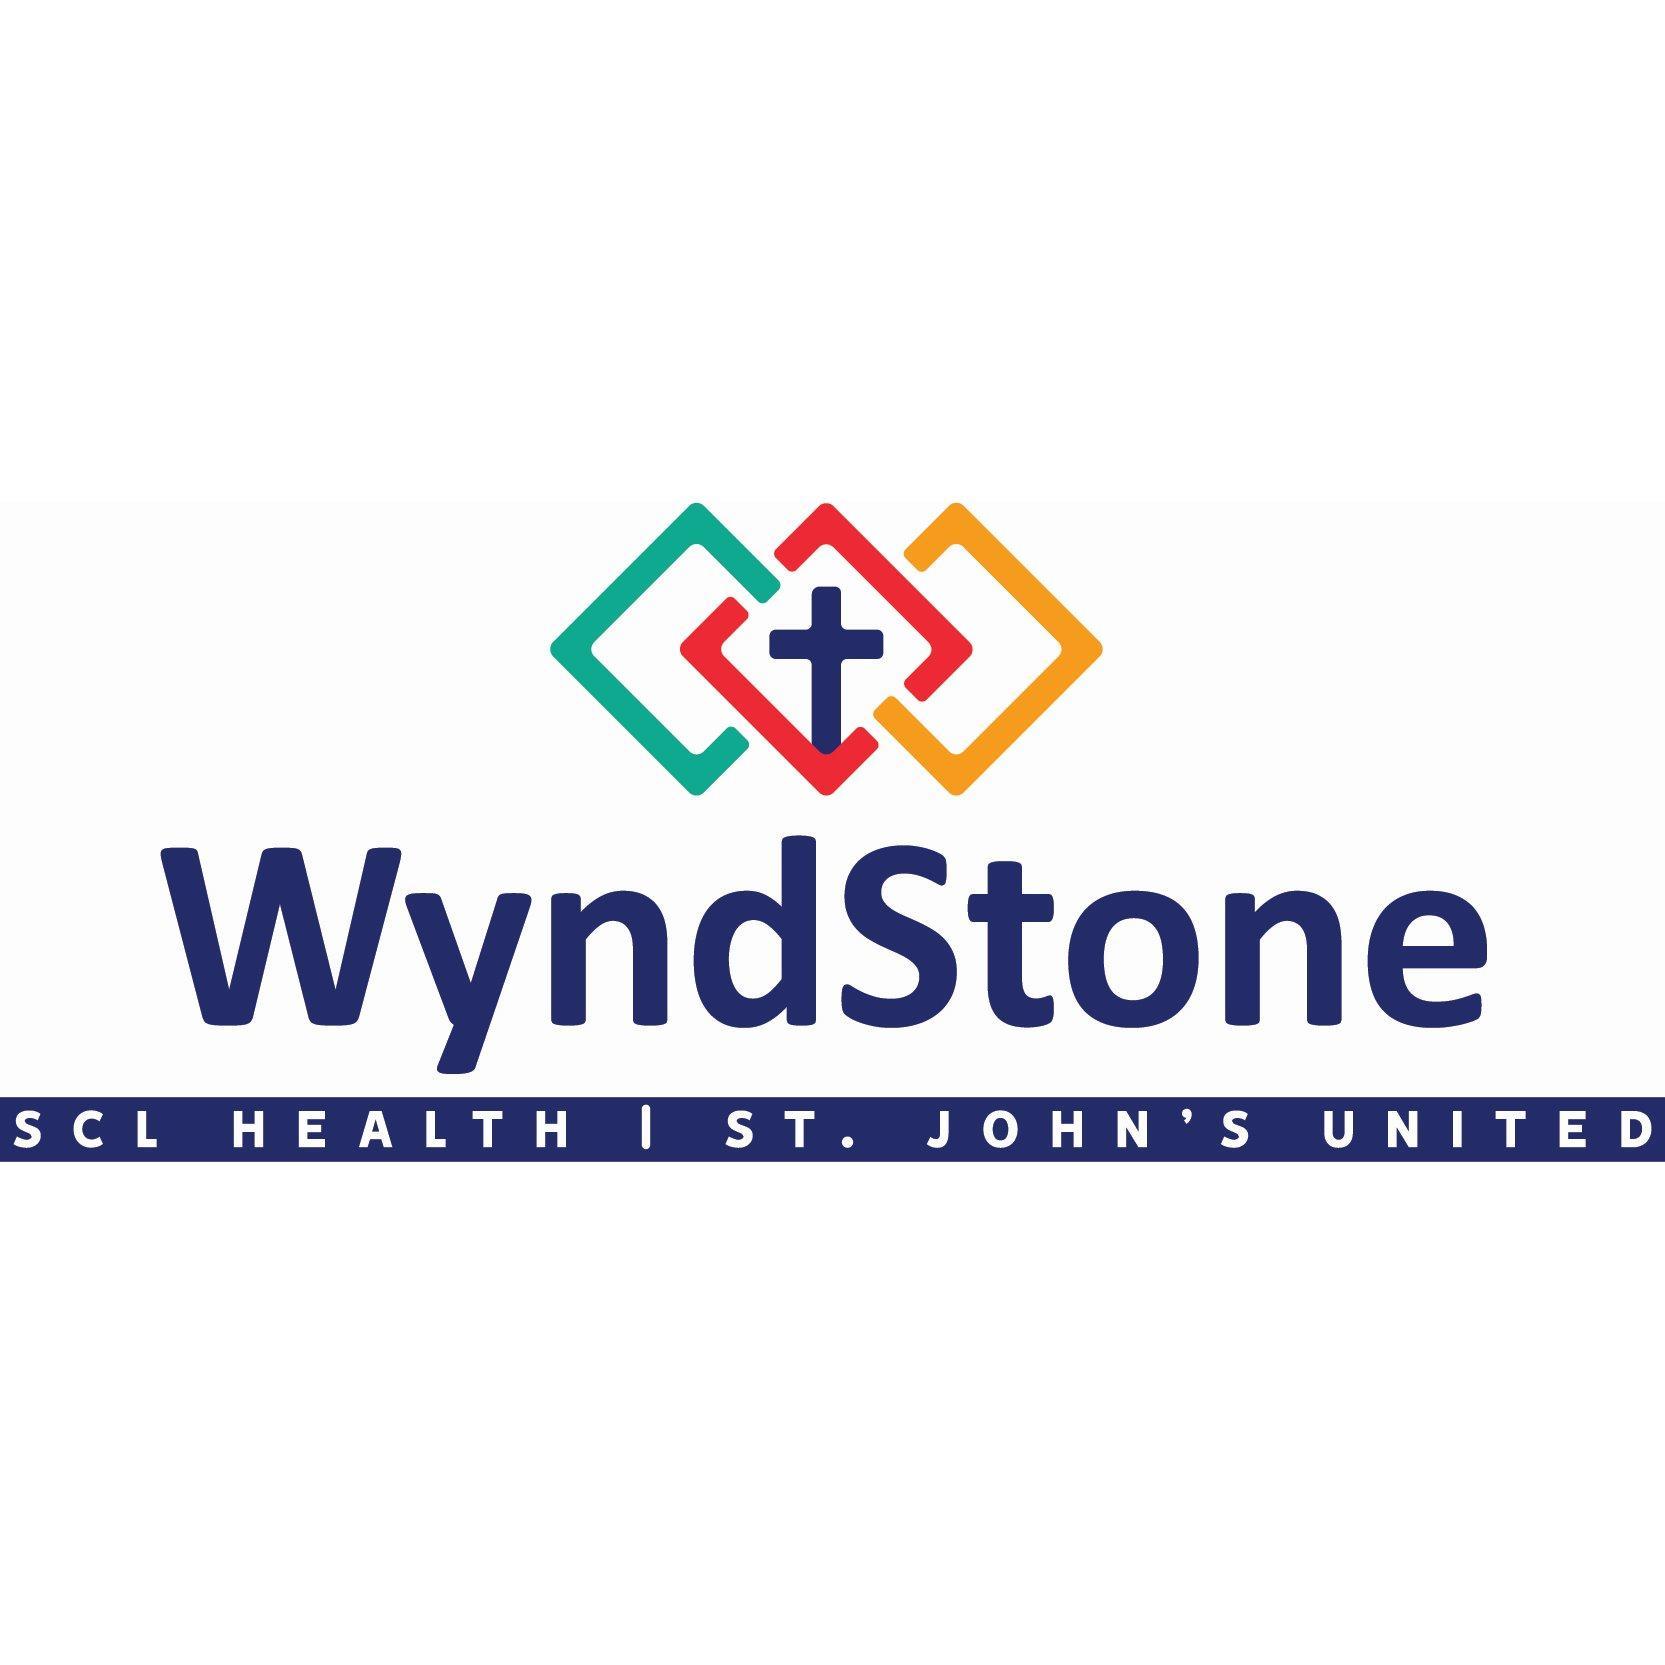 Wyndstone